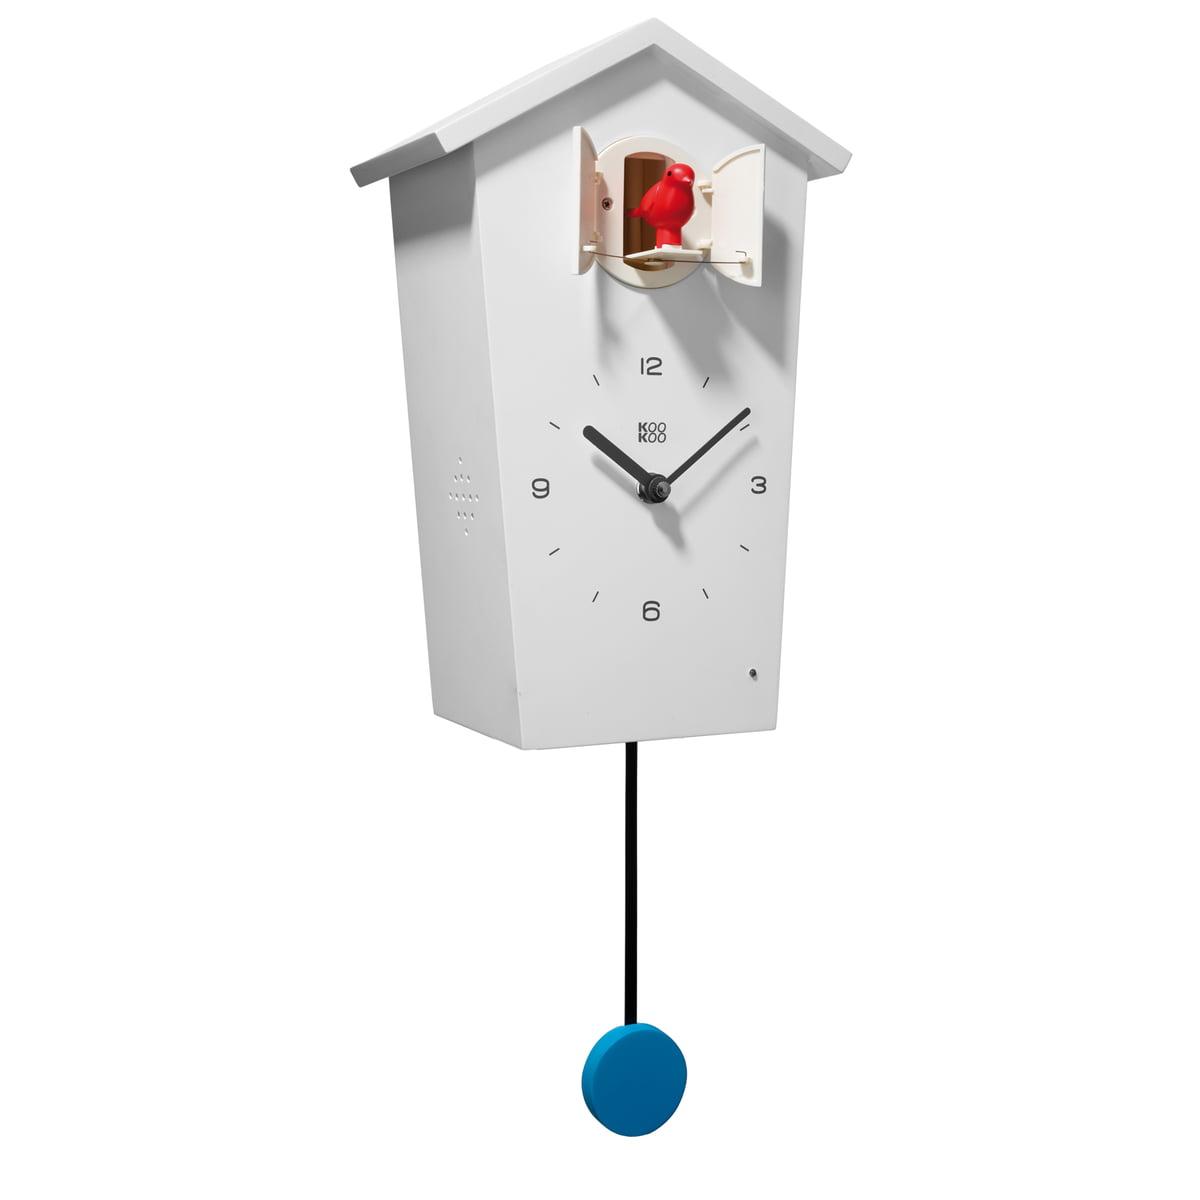 KooKoo - Bird House Kuckucksuhr, weiß | Dekoration > Uhren > Kuckucksuhren | Weiß | Mdf -  matt lackiert | KooKoo